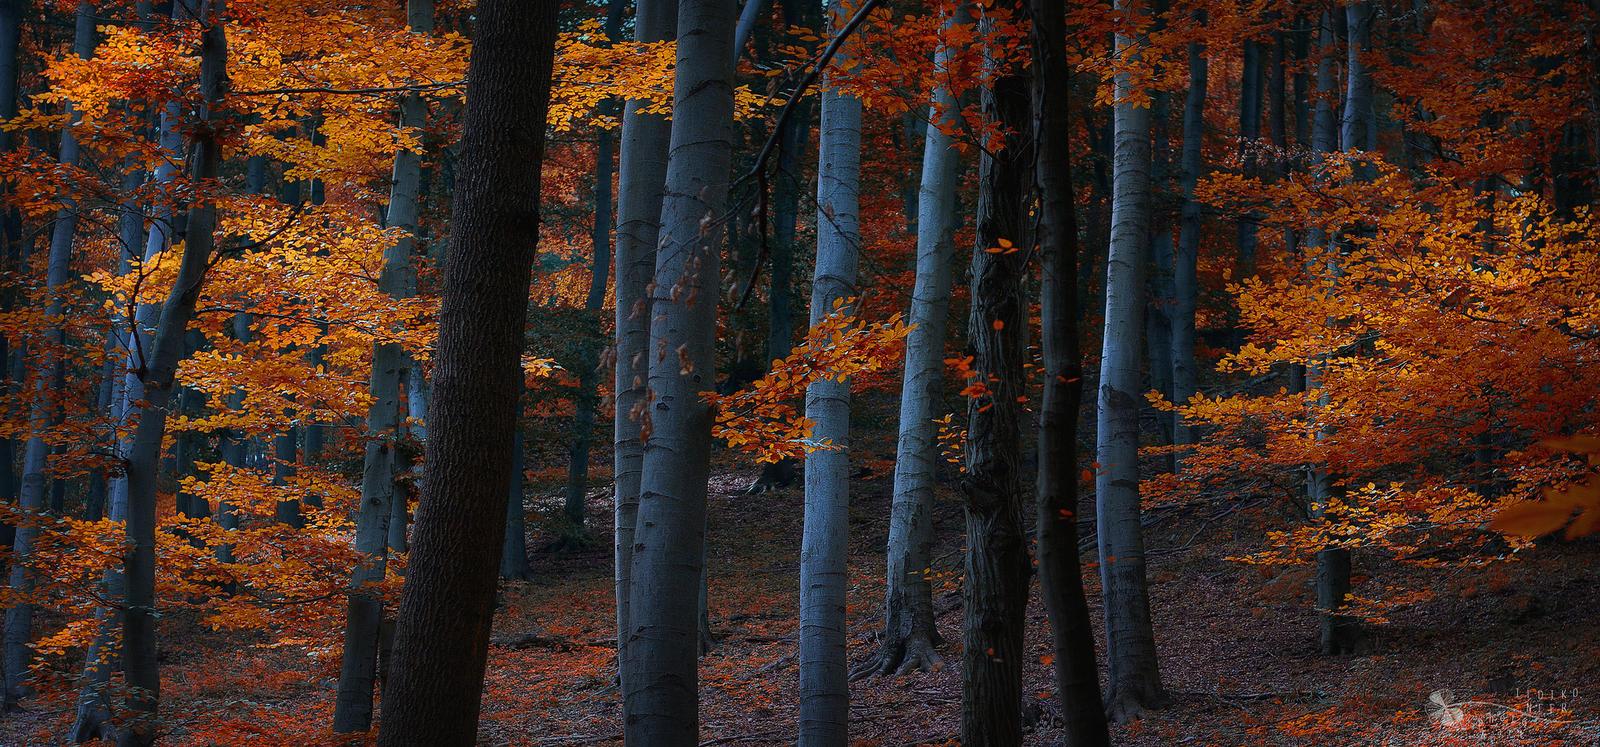 Autumn Mood by ildiko-neer